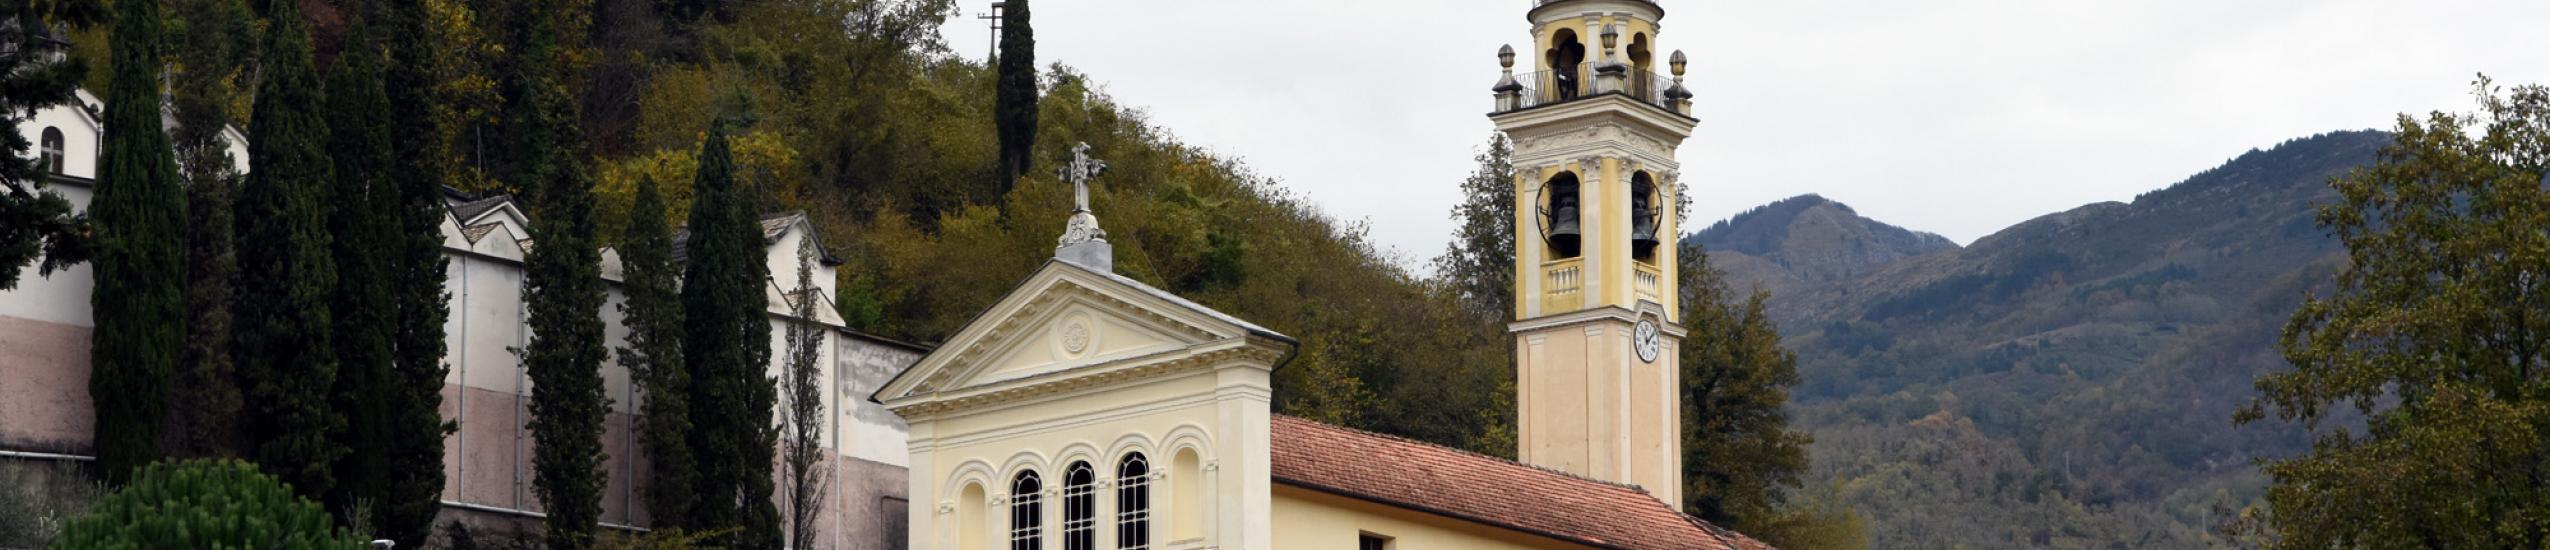 Chiesa di San Biagio (0)